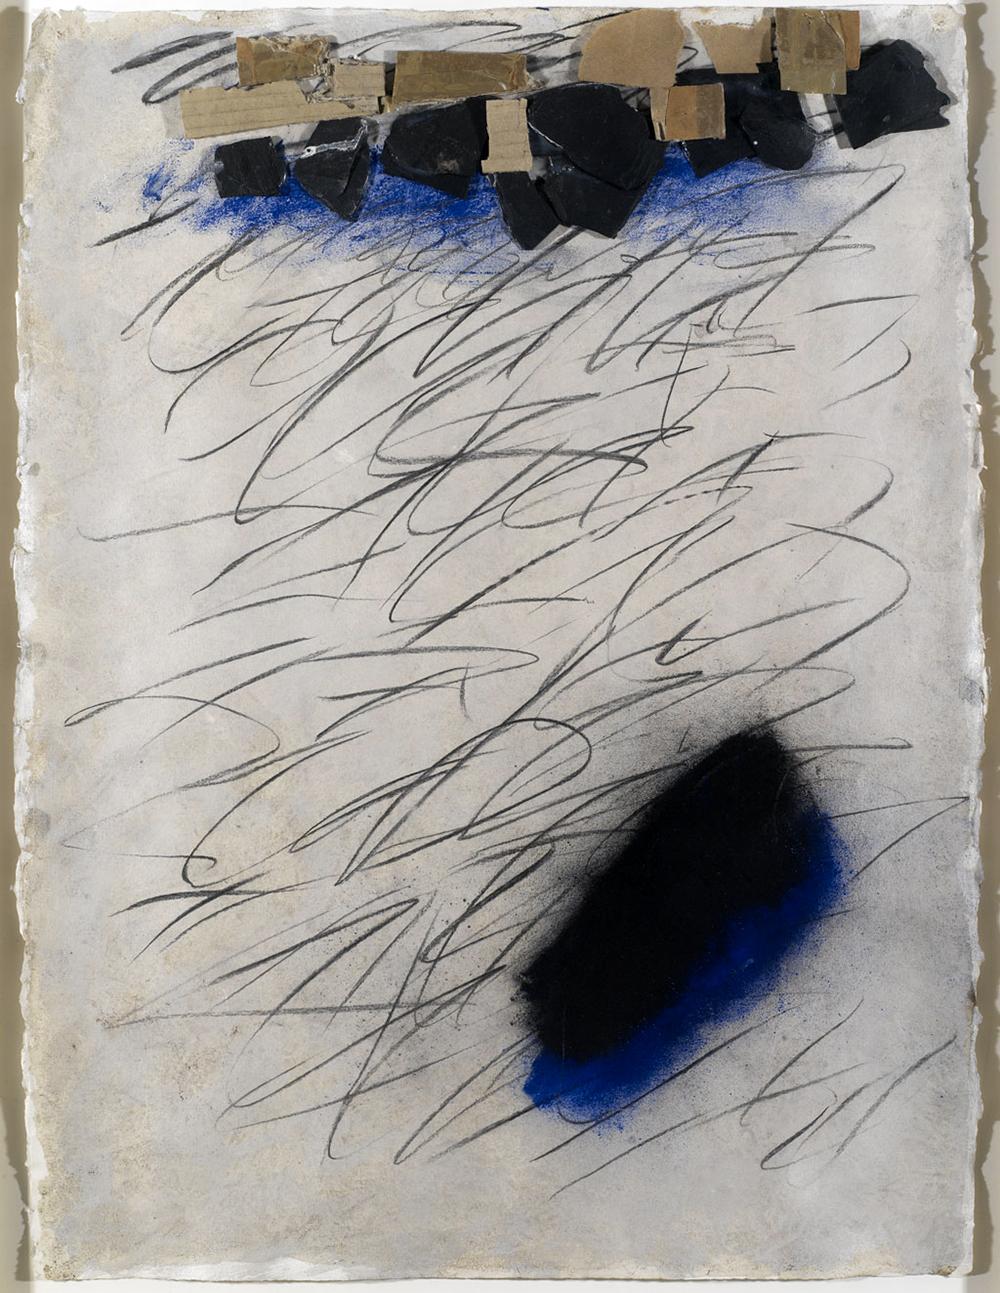 Senza titolo, 2005, tecnica mista su carta, cm 56x42